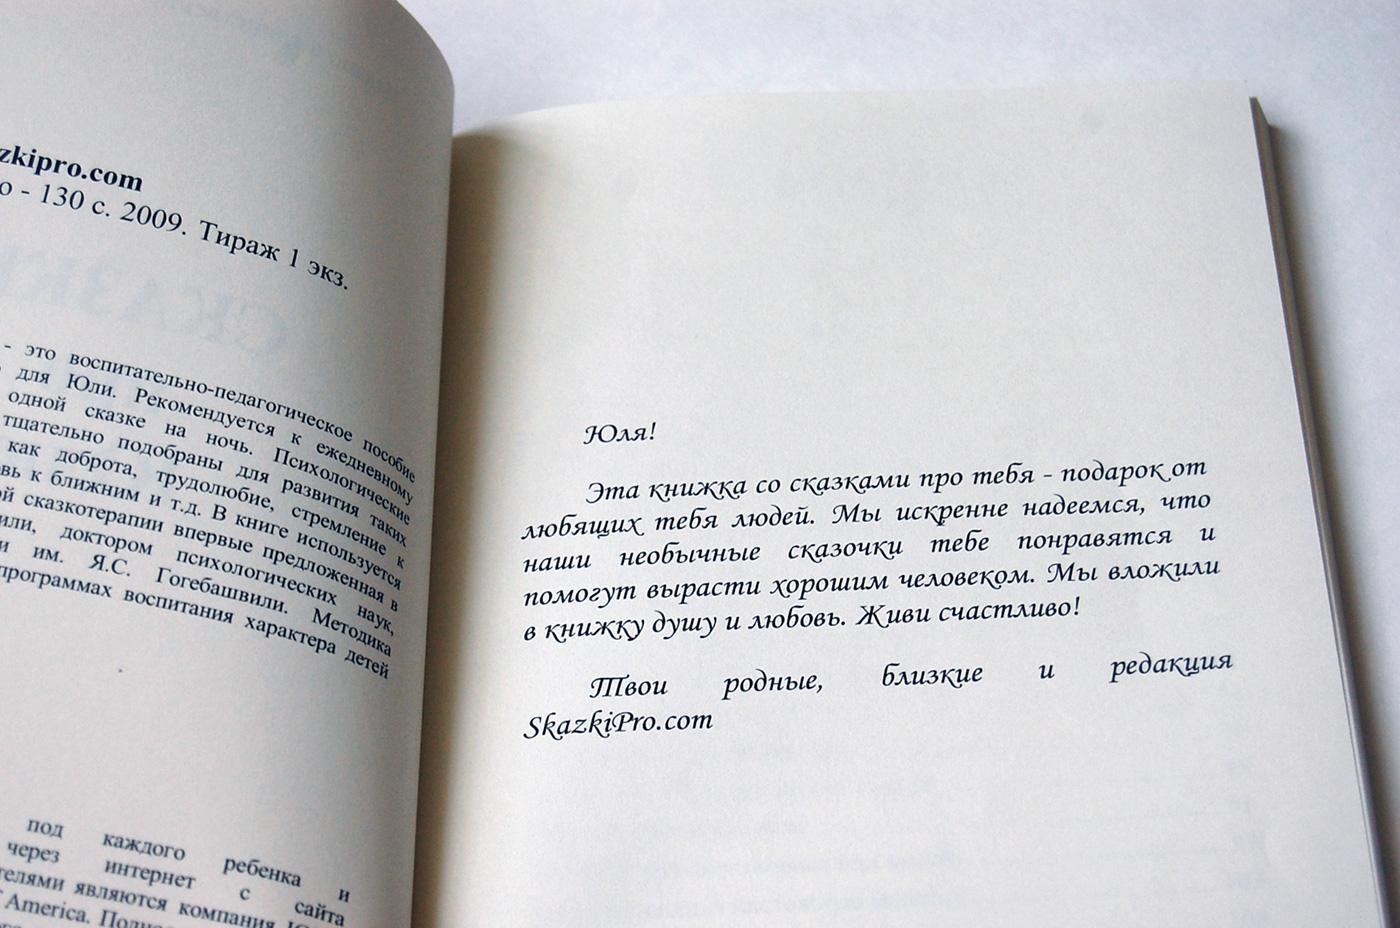 Жалобы это подарок читать